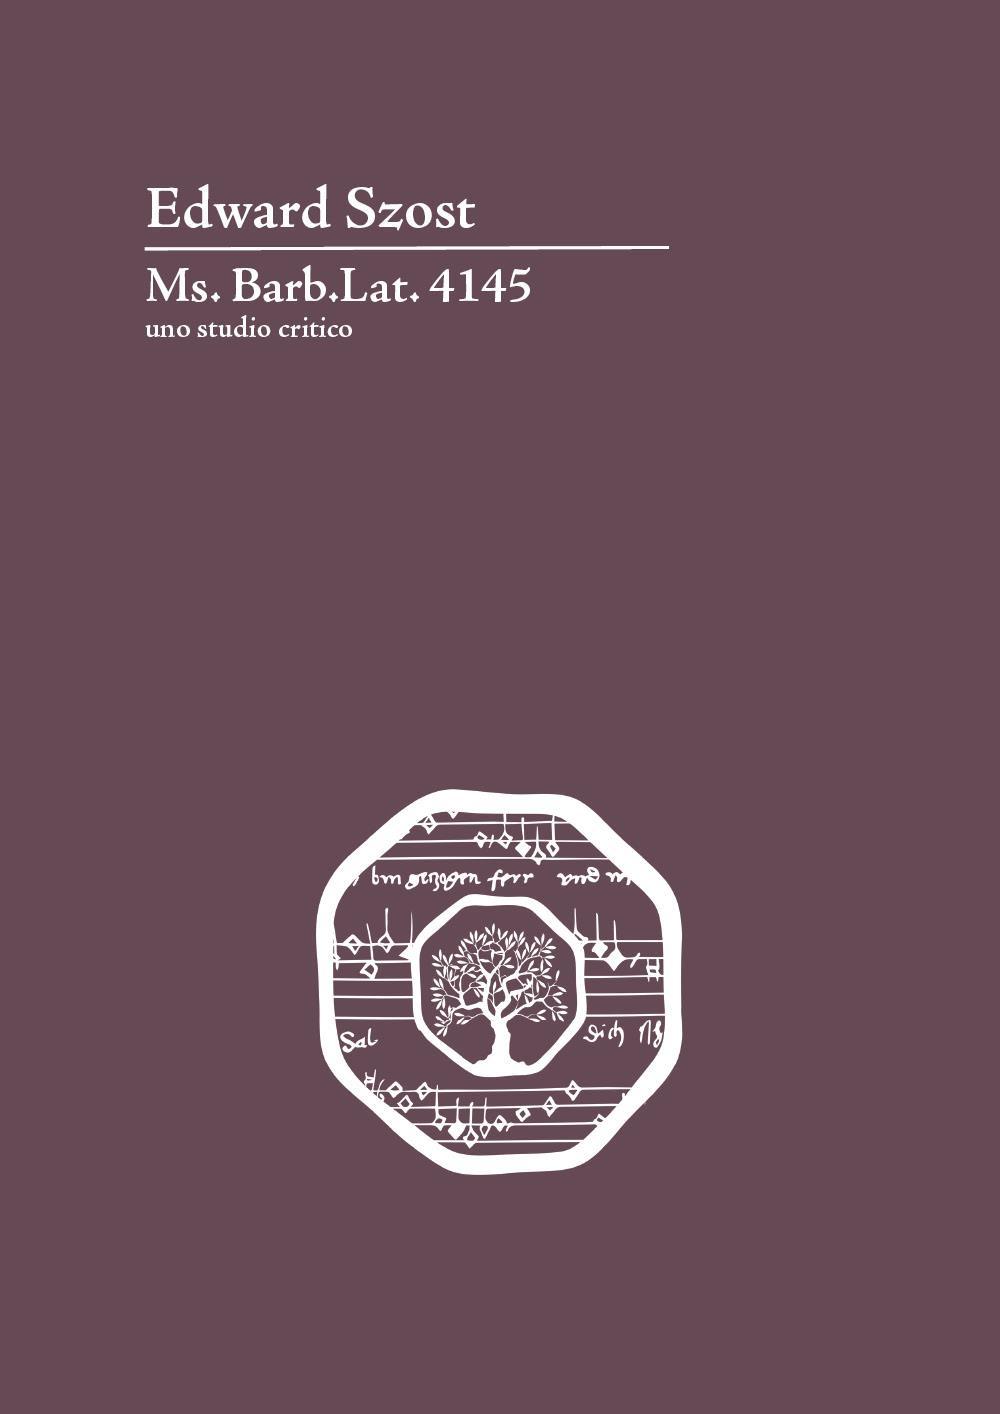 Ms.Barb.Lat. 4145. Uno studio critico